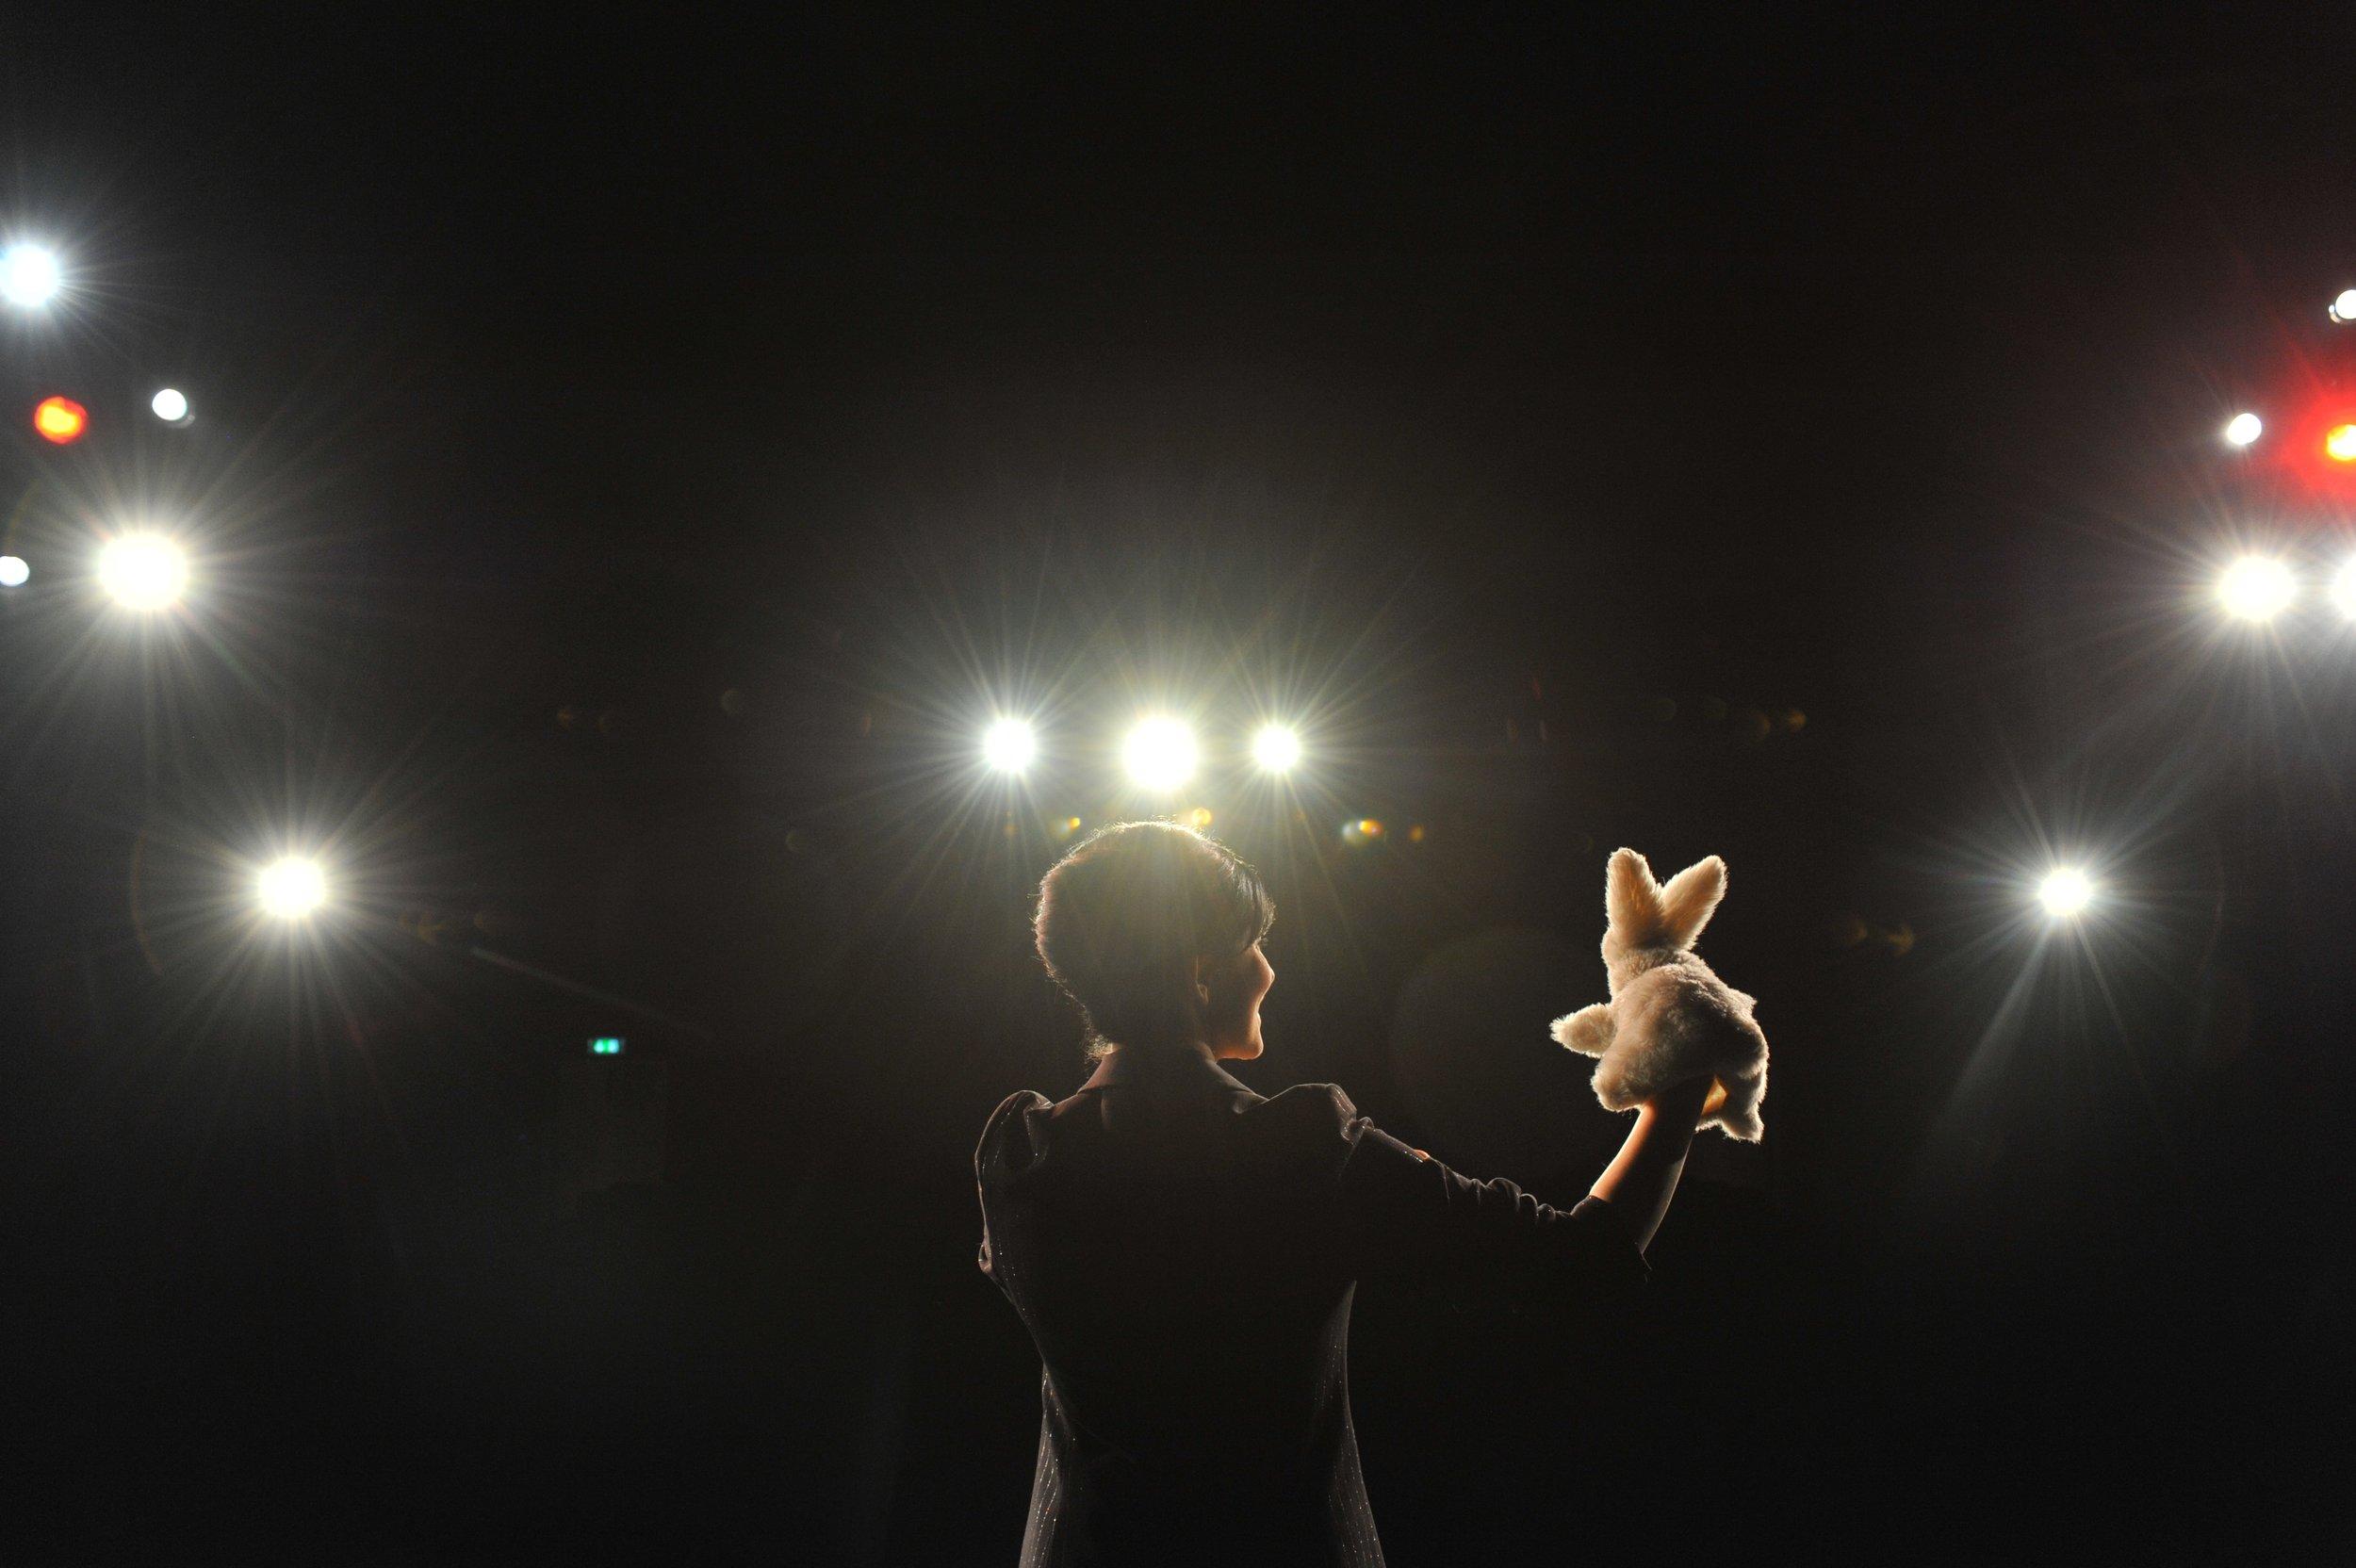 Bühnenshow - Ob vor 20 oder 800 Zuschauern Michelle Spillner hat ihr Publikum sofort im Griff und sorgt für starke Momente mit Erinnerungswert. Michelles Zauberkunst ist stilvoll, charmant, witzig, geistreich und intelligent. Das Kaninchen ist ihr ständiger Begleiter, keine Show ohne Kaninchen - aber anders, als Sie es erwarten mögen. Die Zauberkünstlerin weiß, dass sich in jedem Publikum mindestens ein Medium befindet und sie weiß sich das zu Nutze zu machen.In einer riskanten Wette geht es um eines ihrer schwierigsten Kunststücke. Es ist so schwierig, dass sie selbst gar nicht hinschauen kann – was es umso schwieriger macht. Bei diesem Spiel mit dem Unerwarteten wird ein Zuschauer zum Handicap, und trotz ungewohnter Einsichten über die Schulter der Künstlerin erhält selbst er keinerlei Hinweise auf das Trickgeheimnis.Und wenn Michelle einem Gast (oder auch dem Chef, dem Geburtstagskind, dem Verkäufer des Jahres...) sprichtwörtlich unter die Arme greift, dann wird er mit einem eigenen magischen Act zum Zauberstar vor großem Publikum.All das auf Michelles ganz eigene Art, mit unverwechselbarem Humor und augenzwinkerndem Charme.Michelle ist international tätig, trat beim Comedy-Festival in der Schweiz auf, ist regelmaßig zaubernder Gast in Varieté- und Galashows, in Comedy-Clubs, auf Firmenevents und Kick-off-Meetings und wird von international operierenden Unternehmen für Auslandsauftritte engagiert.Ihrer Bühnenshows können zeitlich angepasst werden und umfassen zwischen 15 und 60 Minuten.